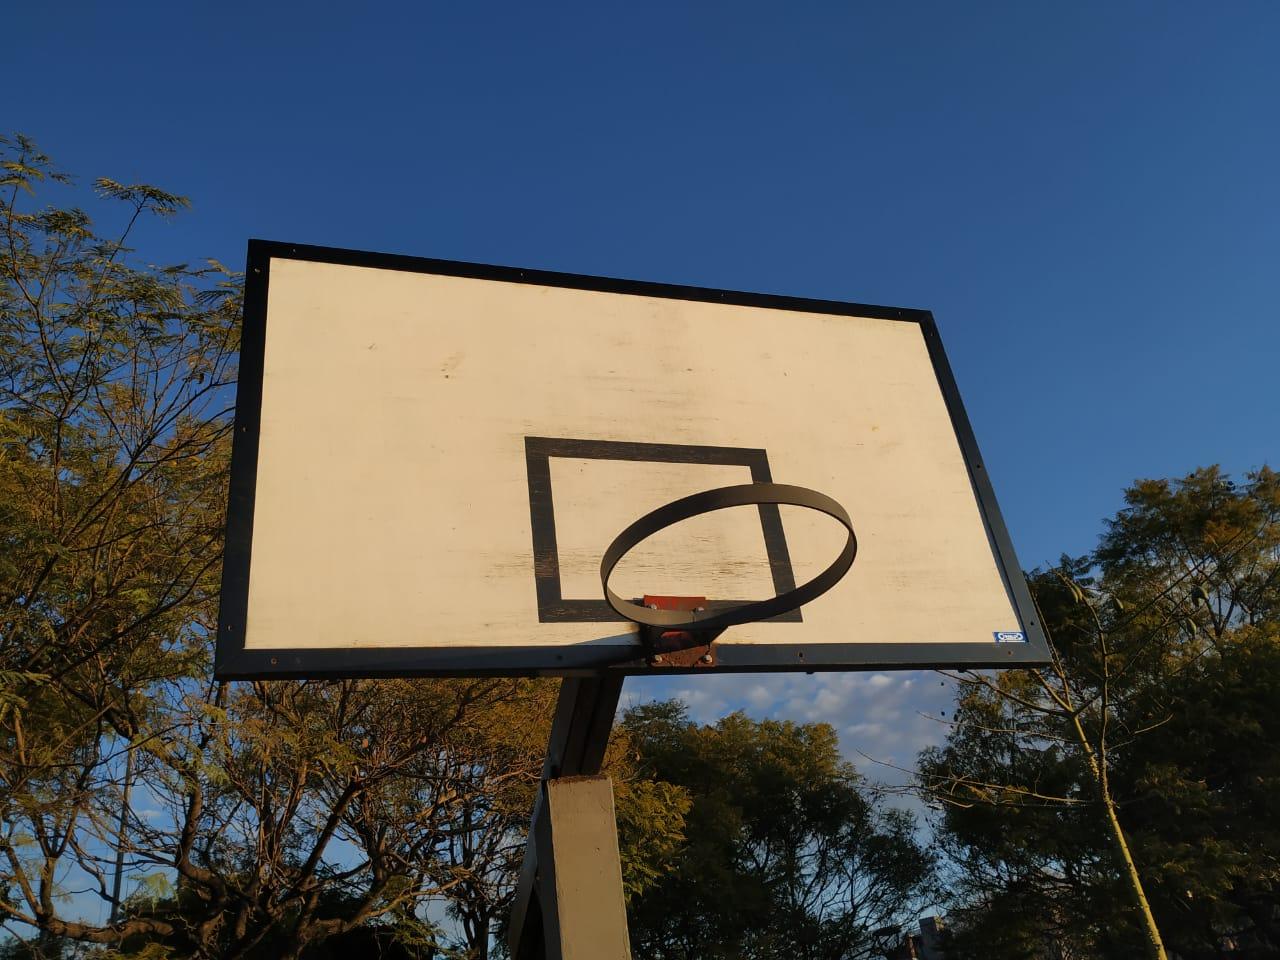 Repusieron el aro de básquet en la Plaza Hungría